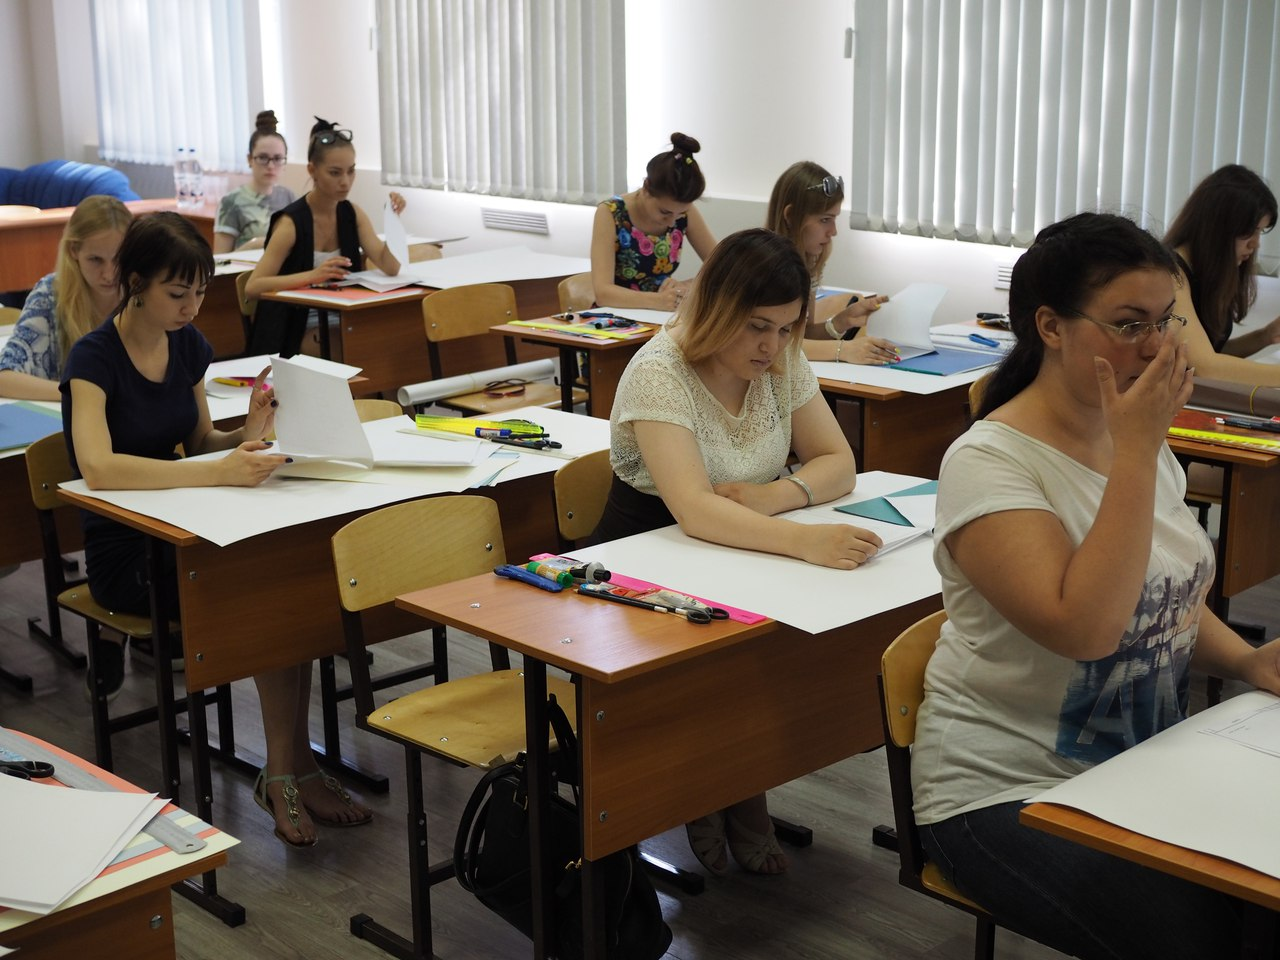 Впервые в ТСЭК демонстрационный экзамен